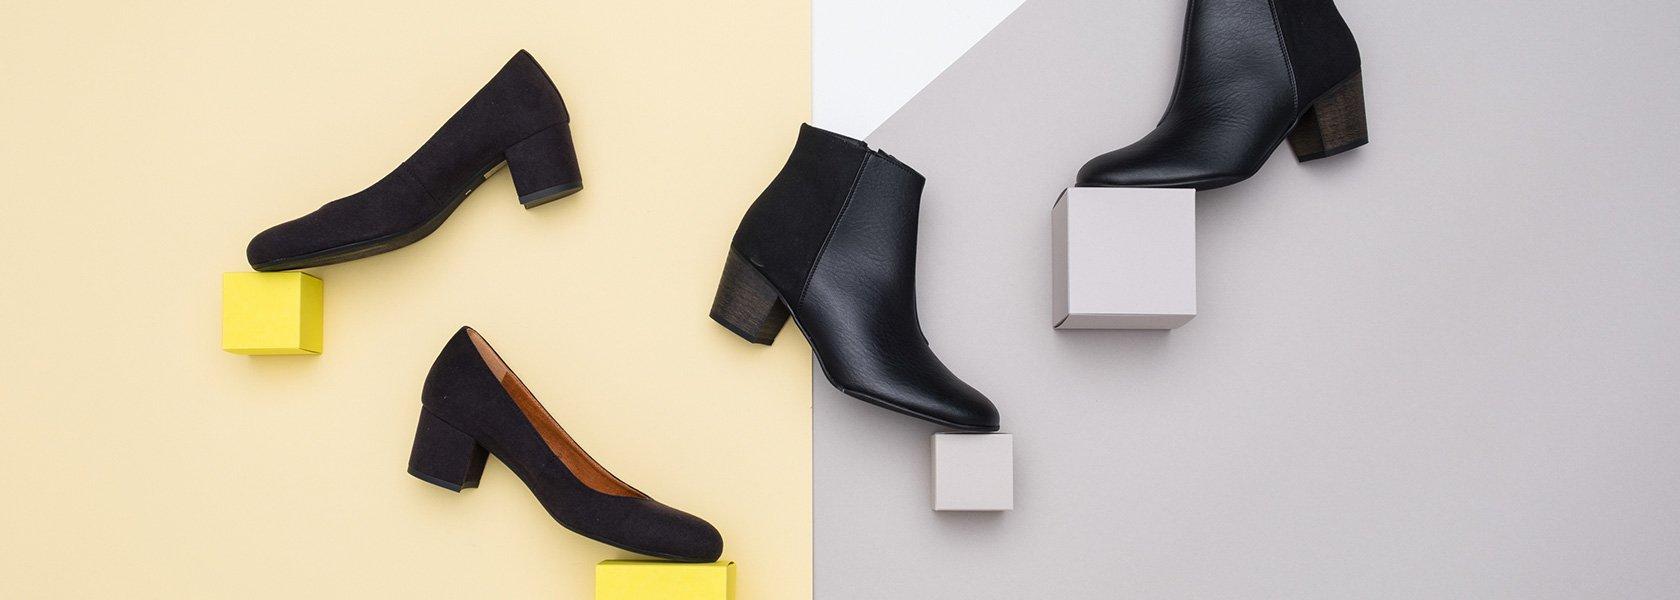 725f8b30be22ca Vegane und faire Schuhe in Berlin entdecken